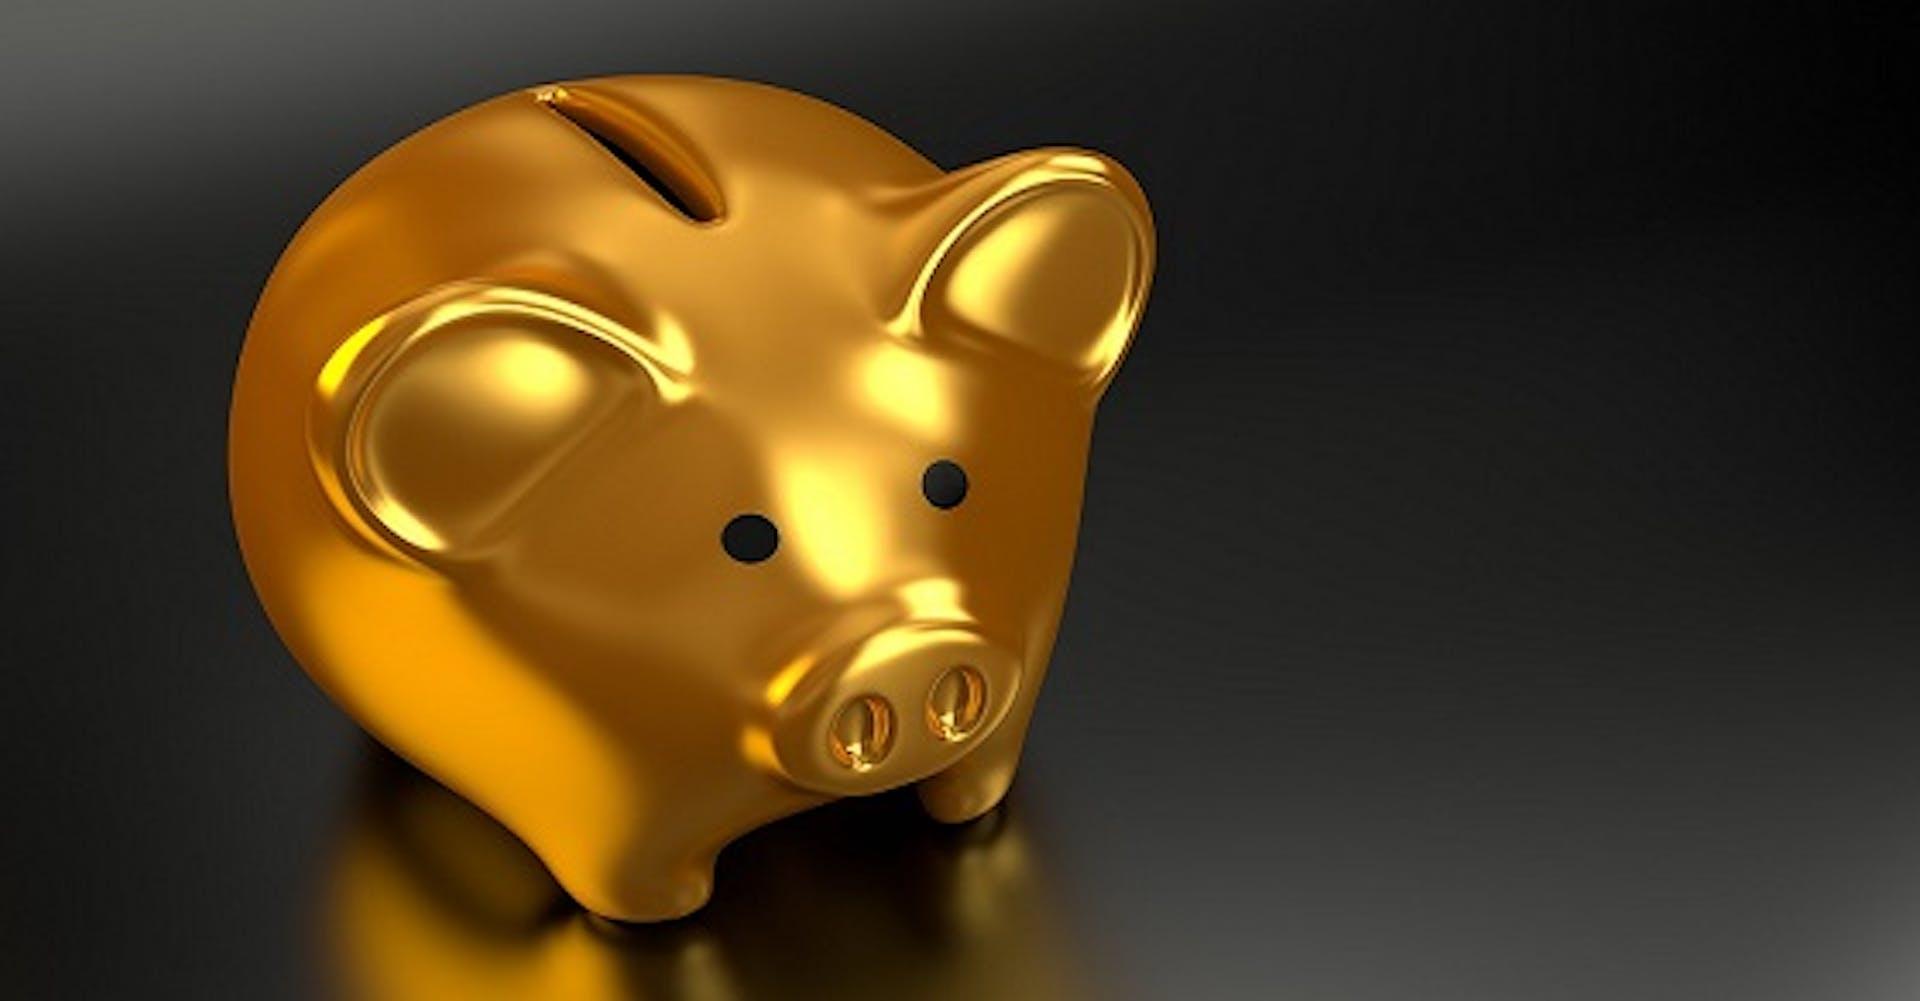 ¡Descubre cómo manejar las finanzas personales y asegura tu futuro!